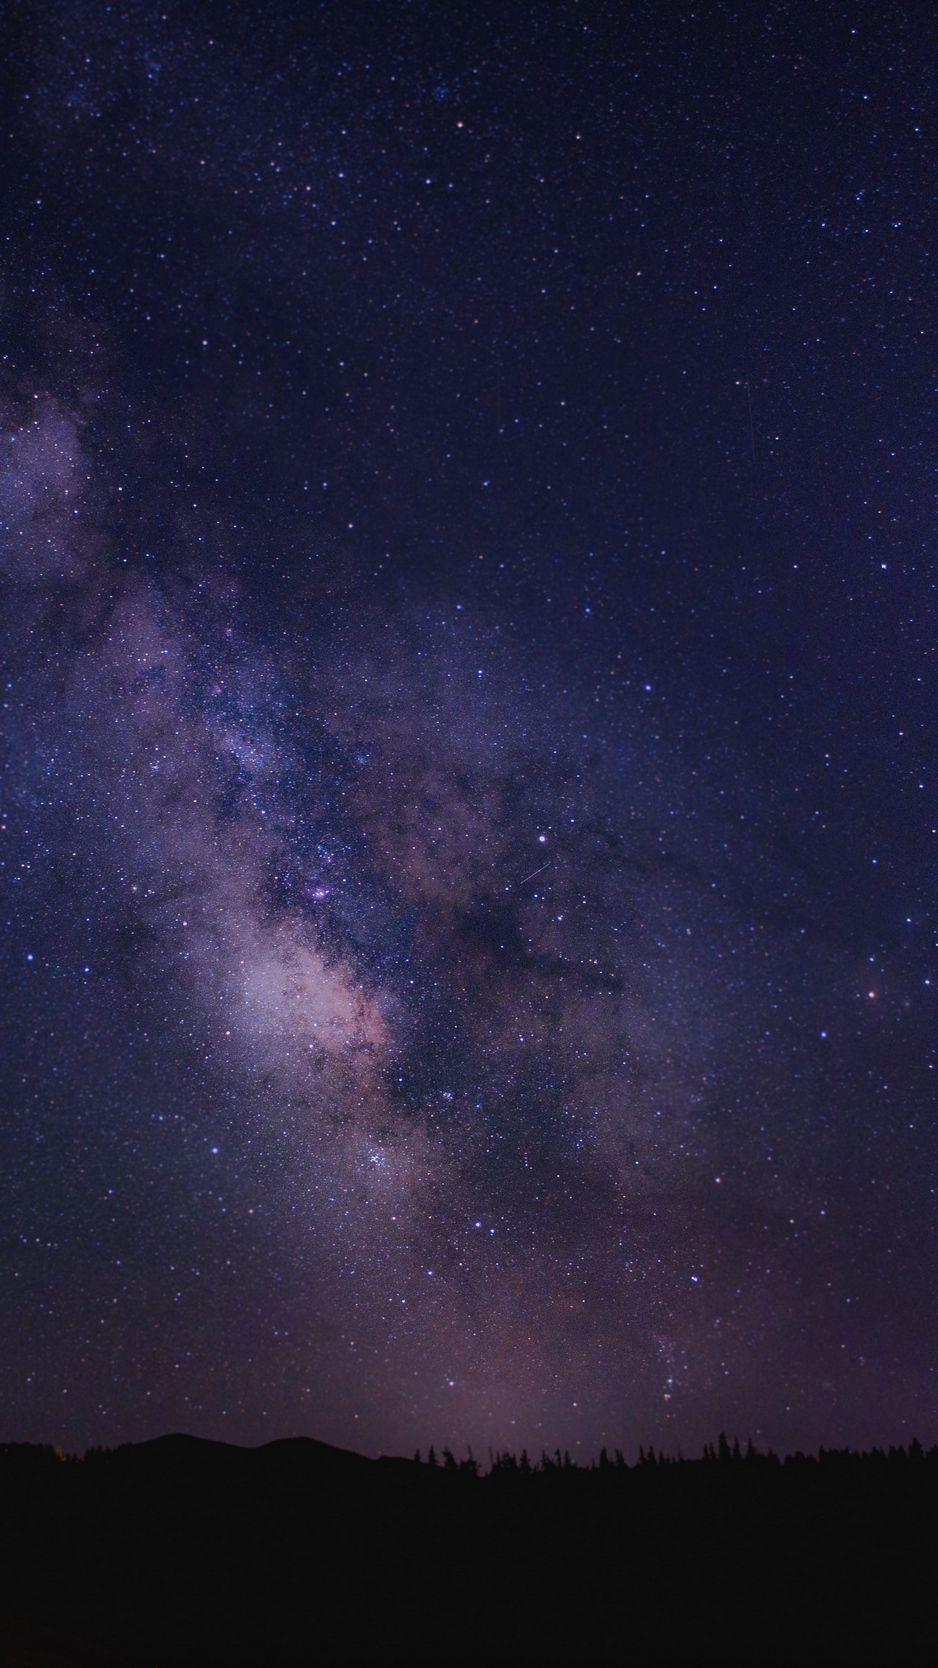 картинки звезды на небе на смартфон марионетки, как